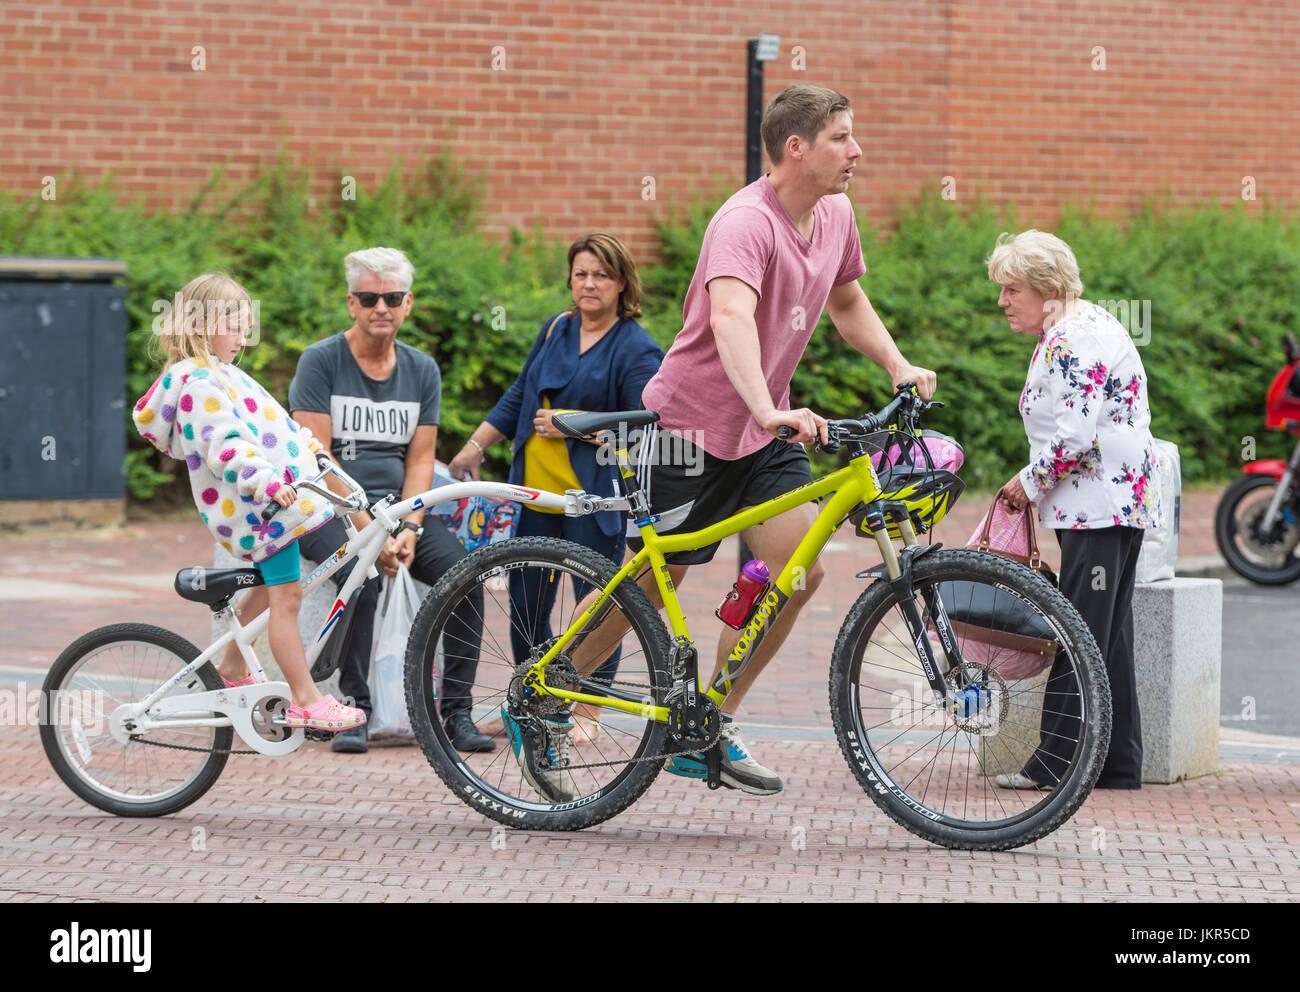 Fahrradanhänger für ein Kind hinter ein Erwachsener Radfahrer fahren mitkommen. Stockbild